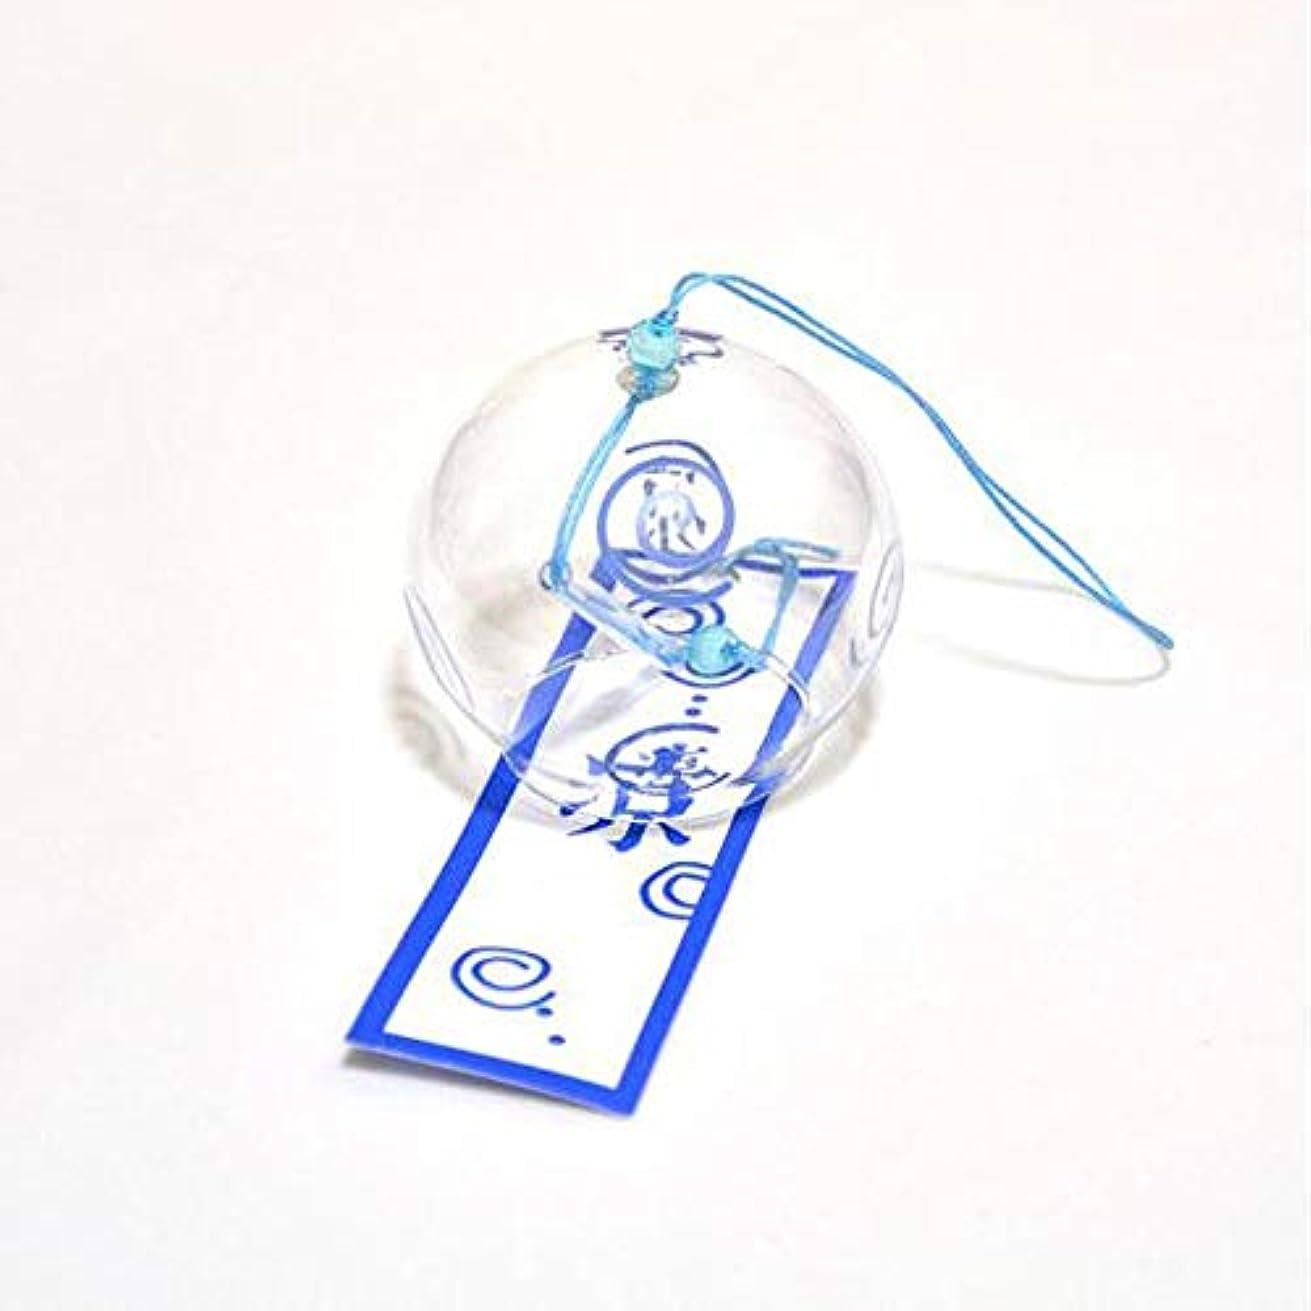 ファックス抹消疎外Hongyushanghang 風チャイム、手描きのグラス風チャイム、透明、サイズ6 * 7CM,、ジュエリークリエイティブホリデーギフトを掛ける (Color : Blue)